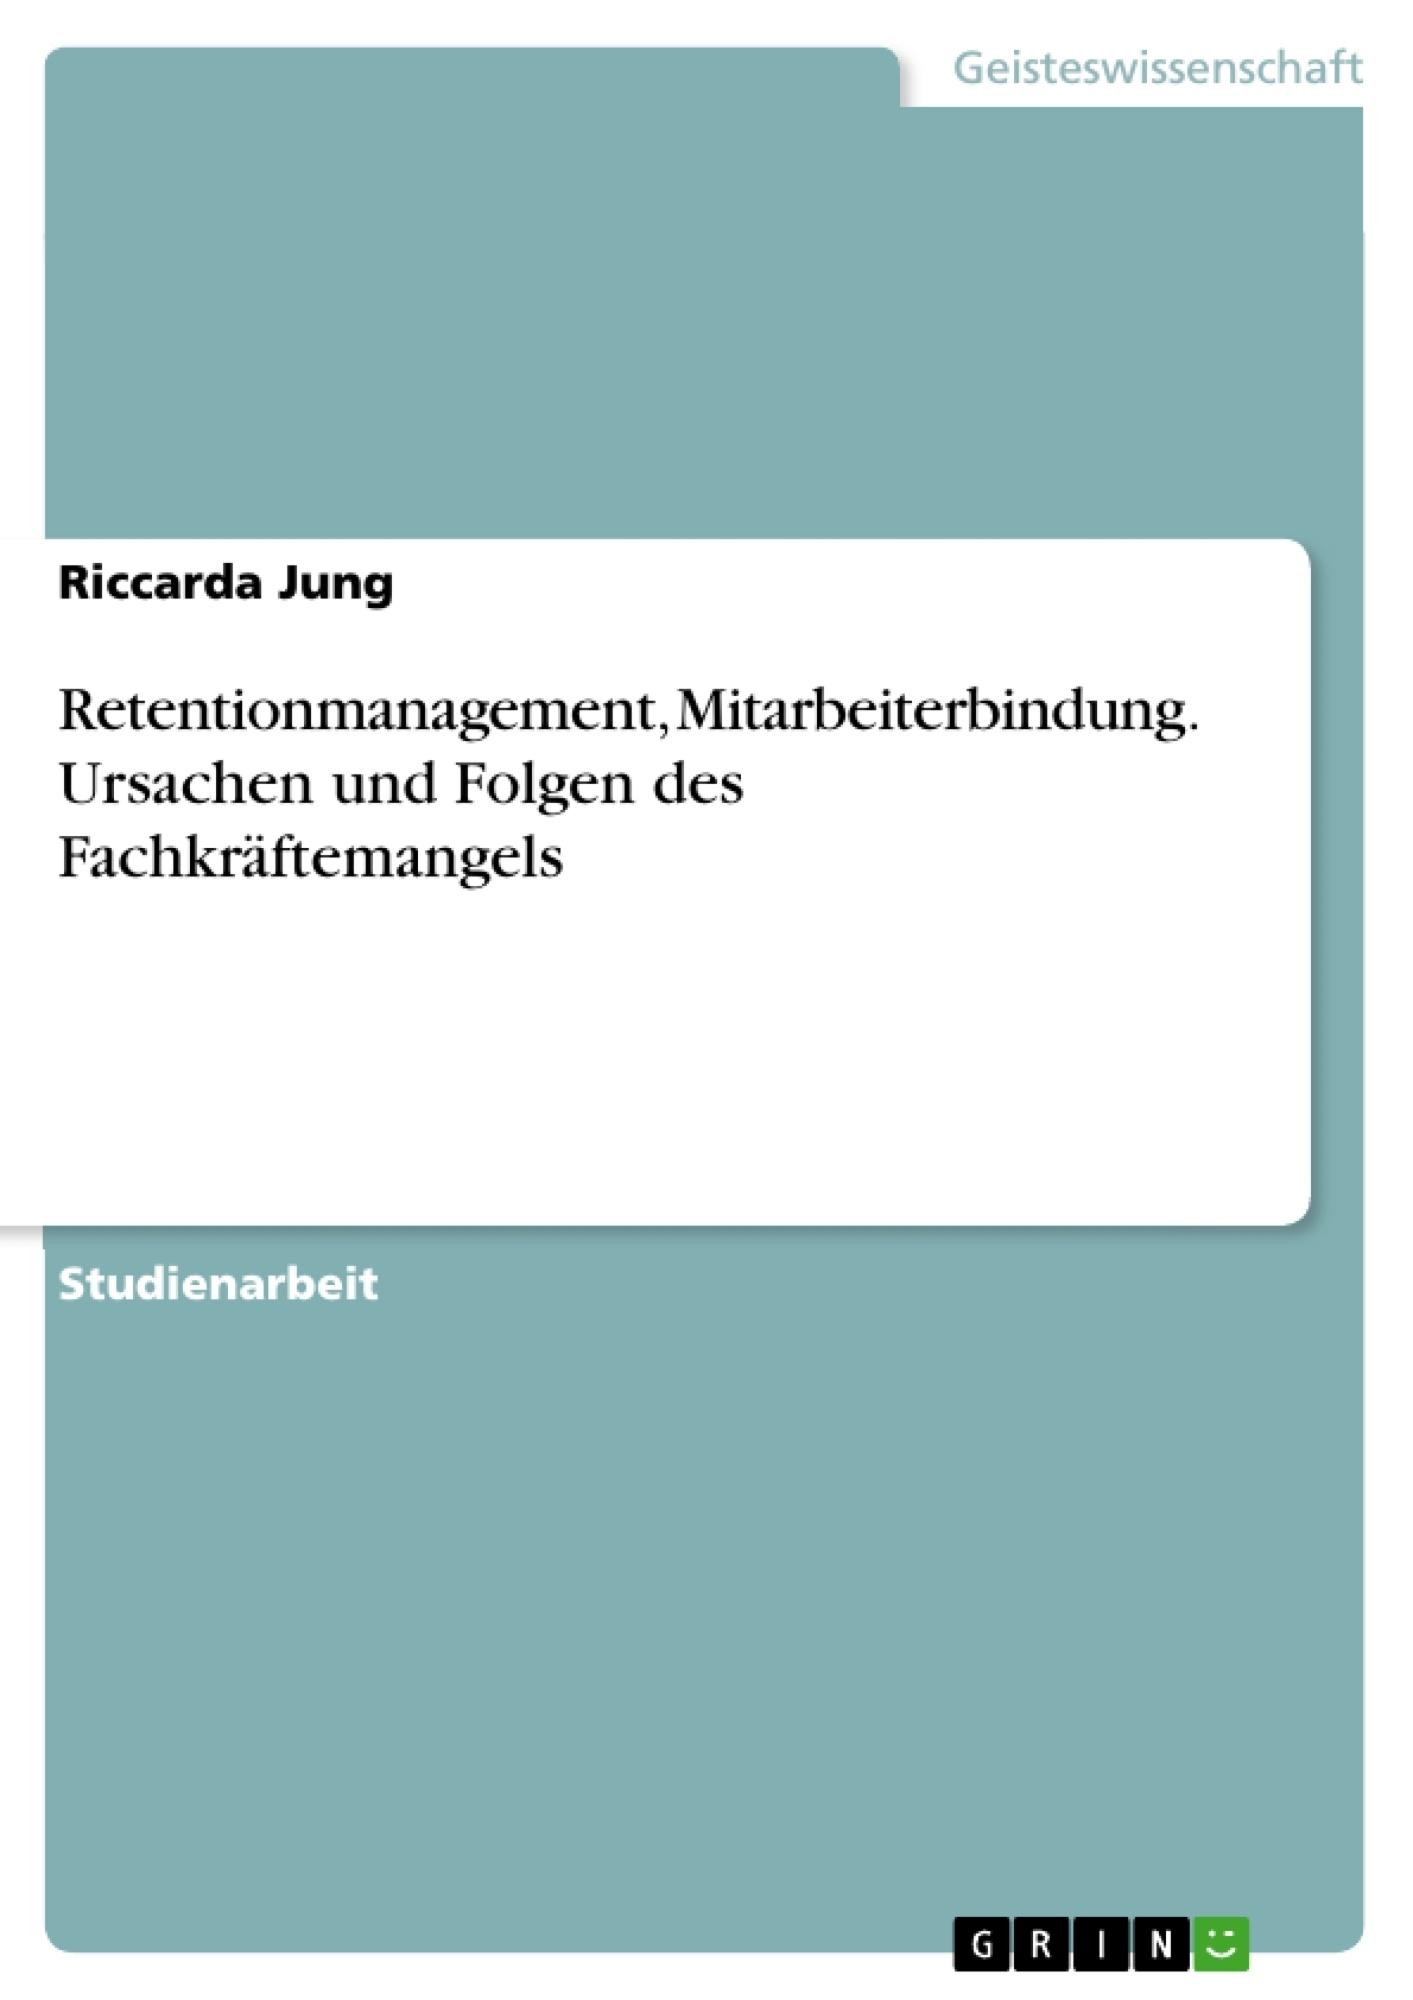 Titel: Retentionmanagement, Mitarbeiterbindung. Ursachen und Folgen des Fachkräftemangels